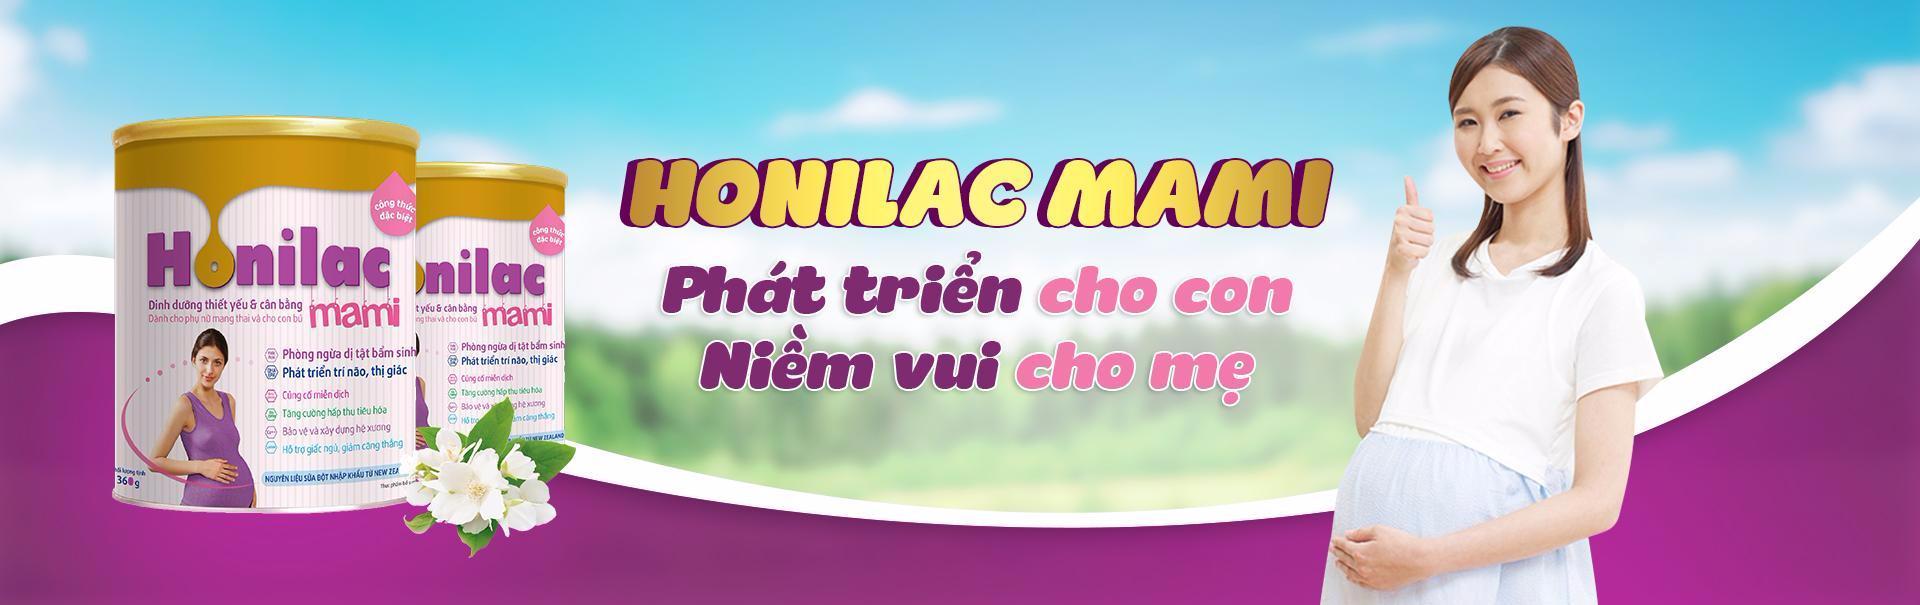 truonganjsc-banner-thang-11